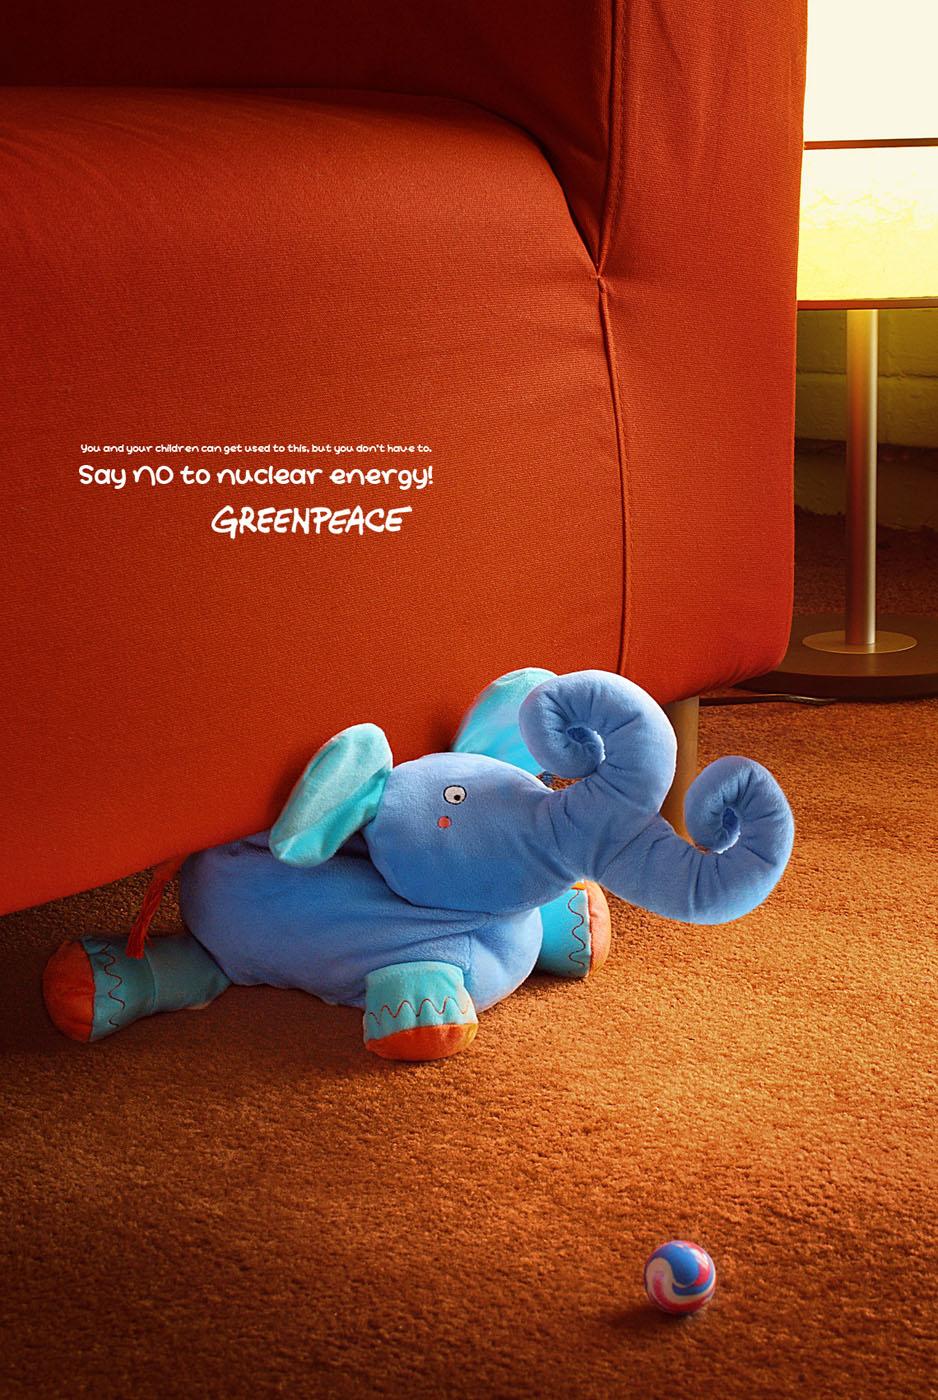 Greenpeace Elephant1 in